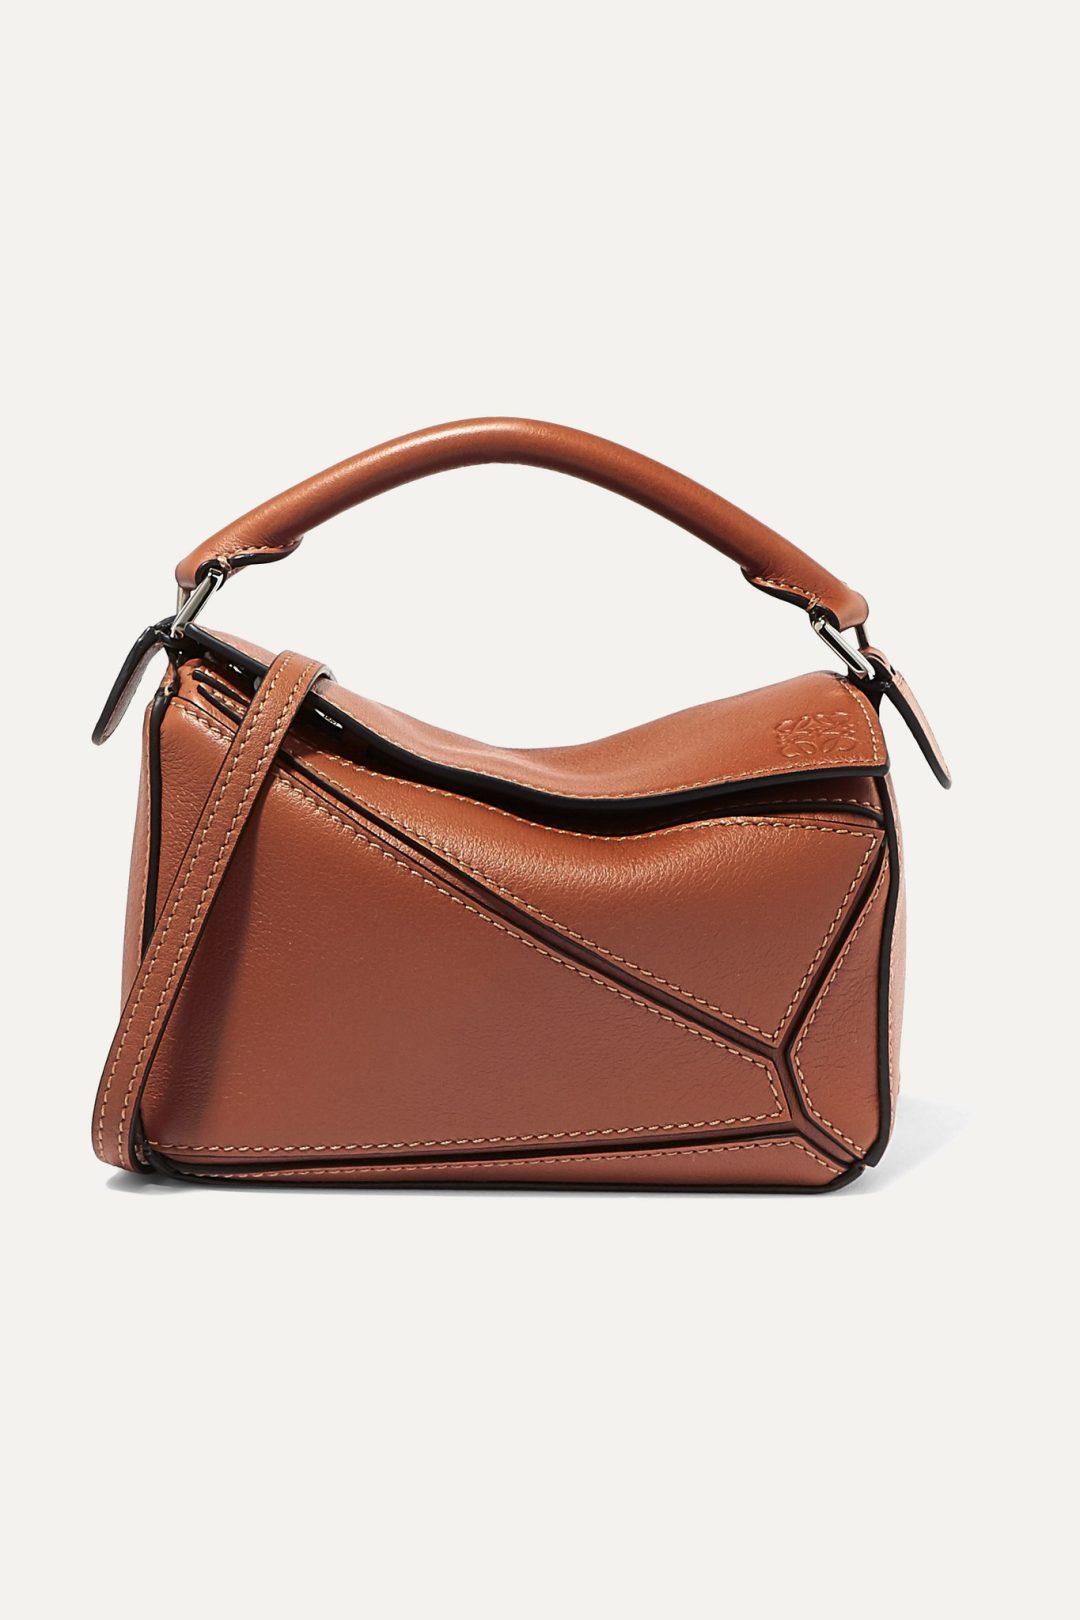 Loewe mini puzzle bag for best designer bags under $2000